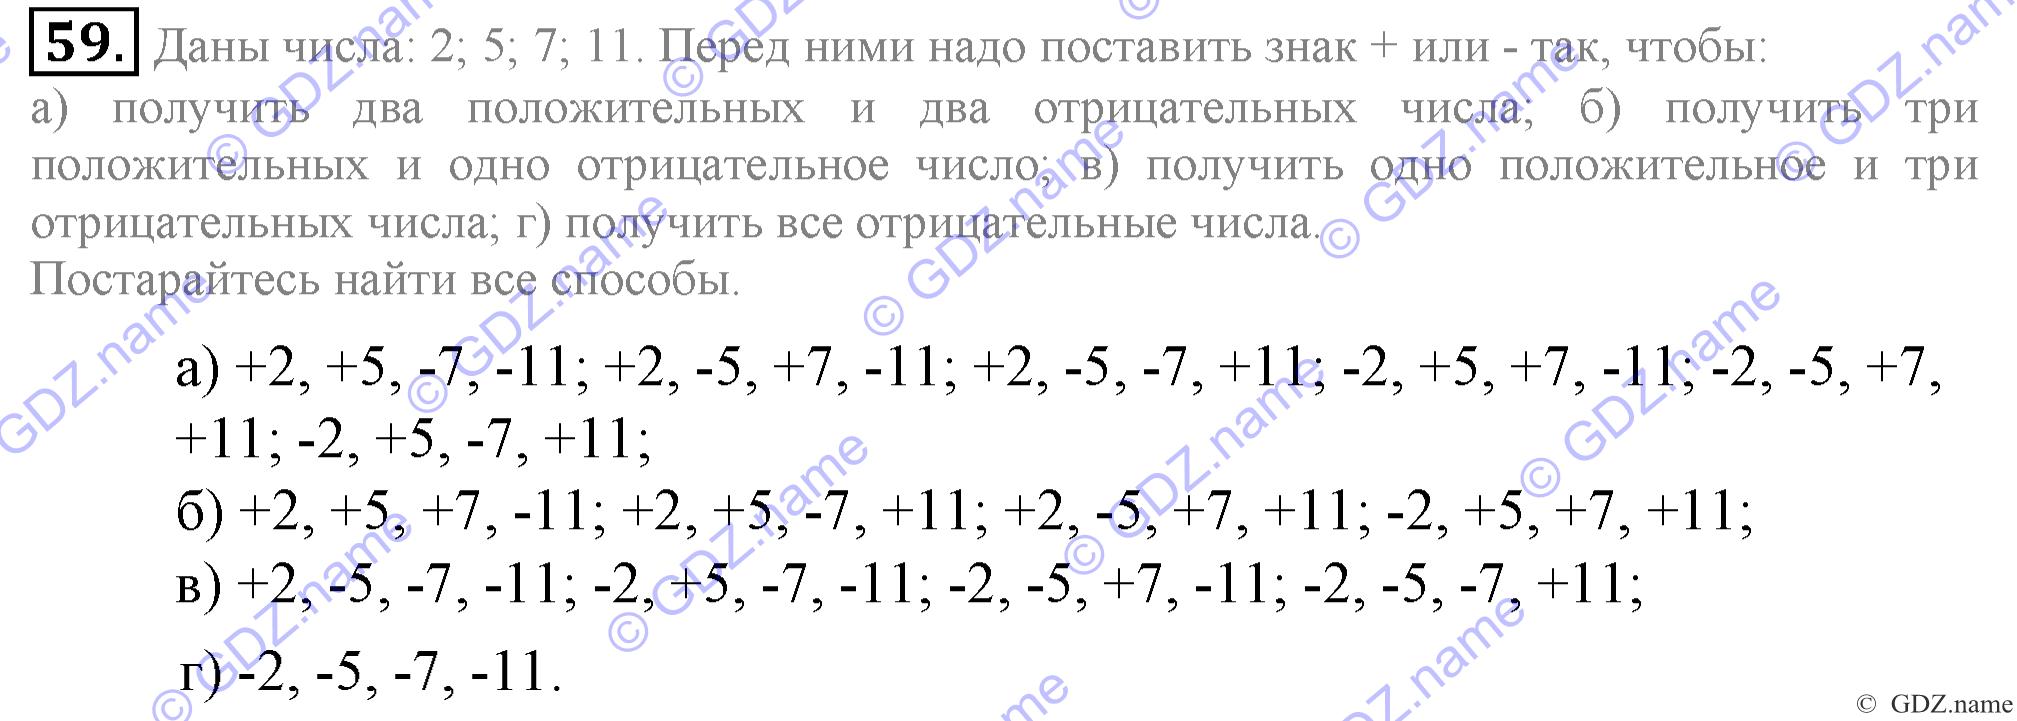 Ответ по алгебре 7 класс номер 404 д